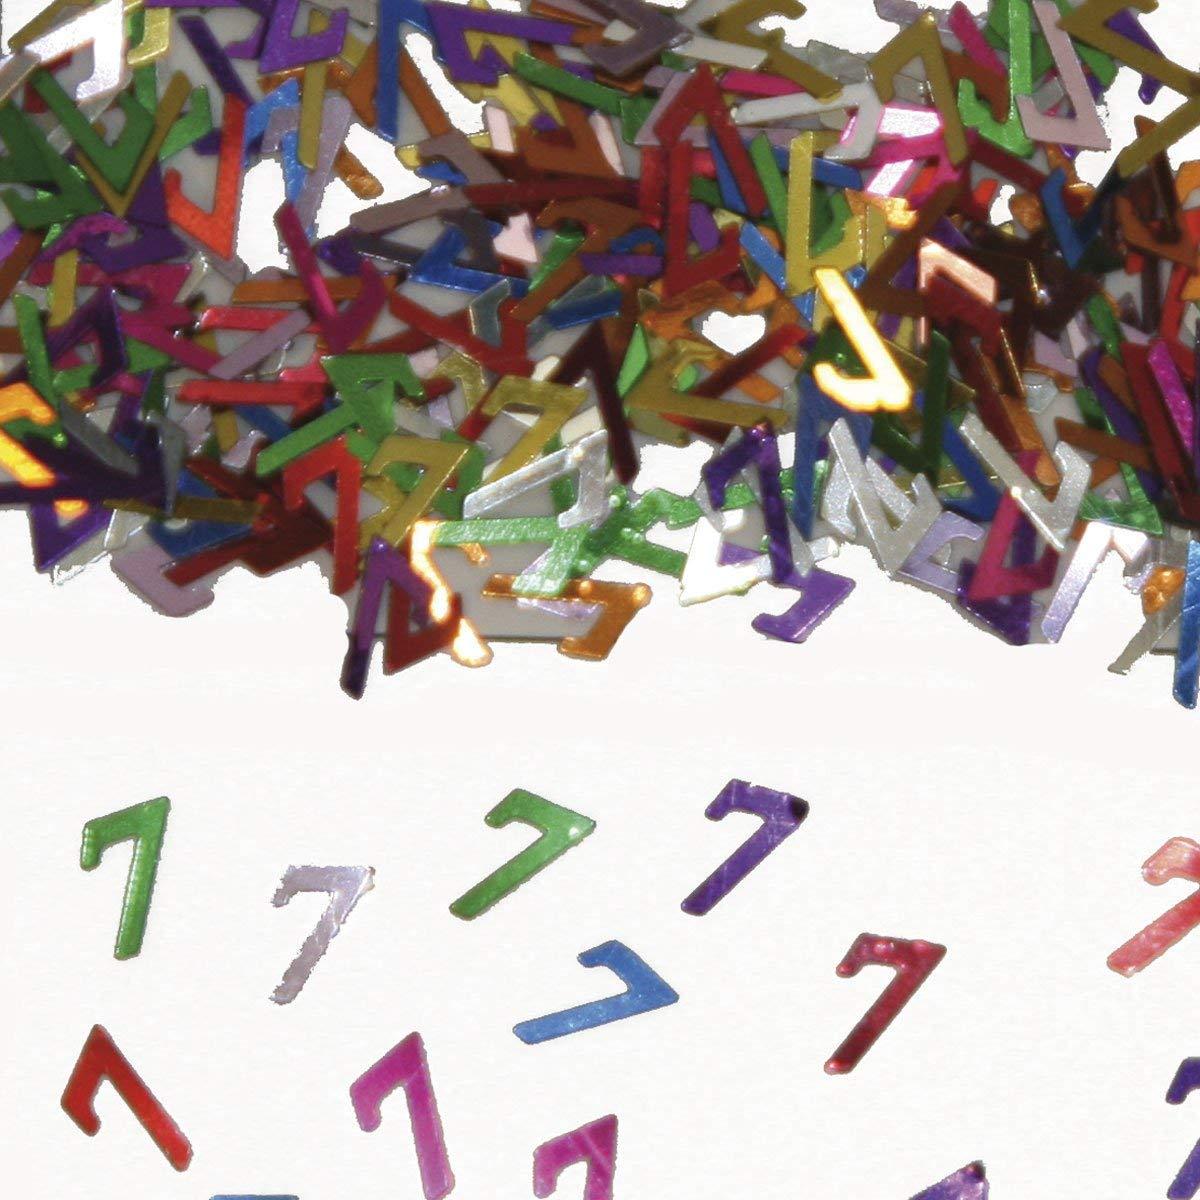 Party Konfetti Streudekoration zum 7ten Geburtstag